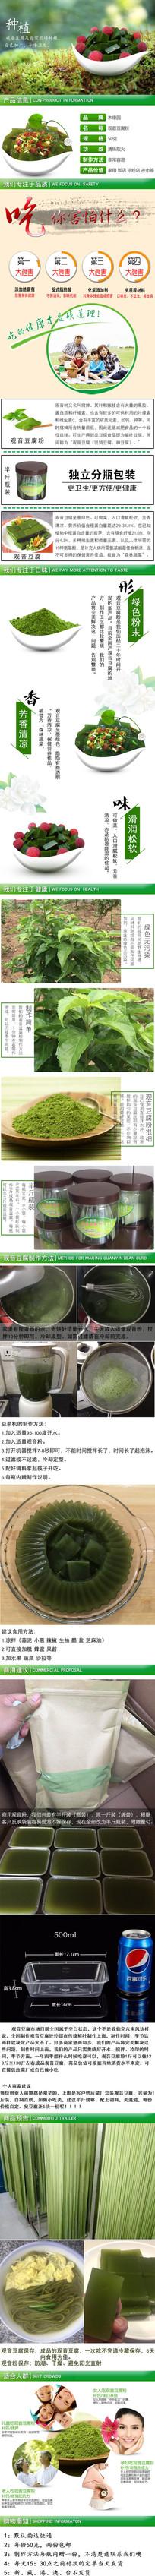 天猫淘宝观音豆腐粉详情页